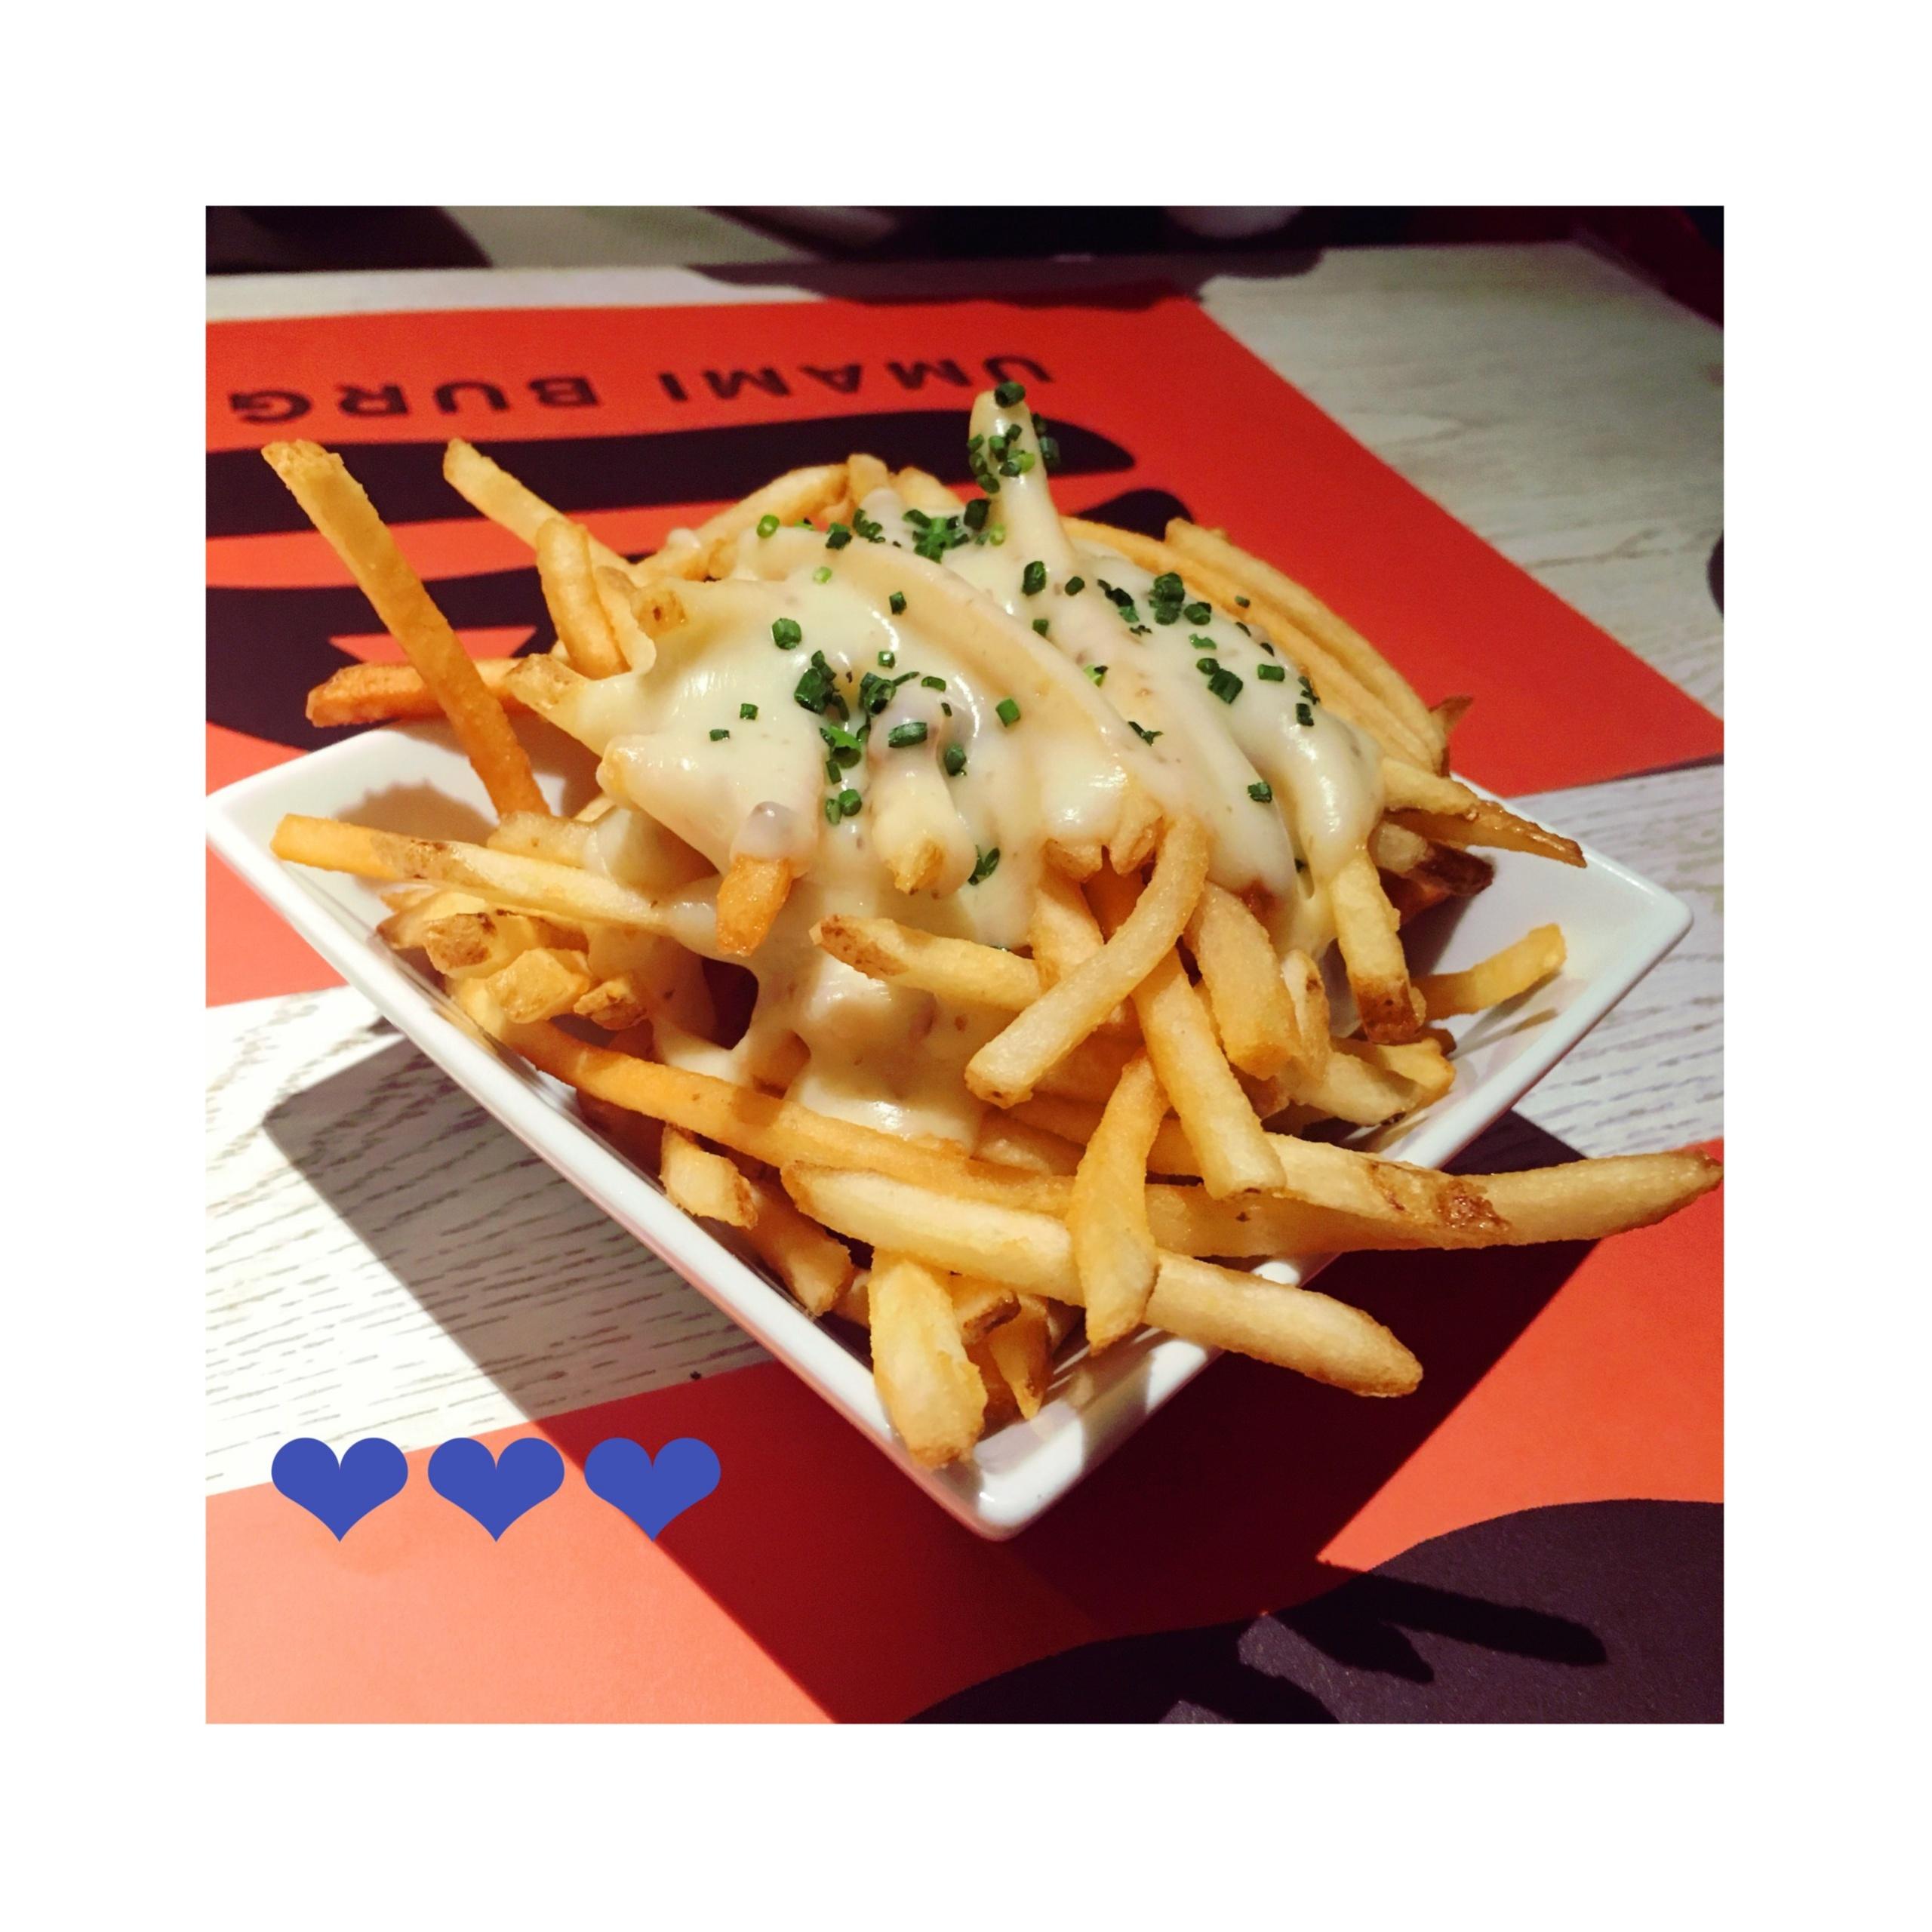 《ご当地MORE★》東京に来たら必ず食べてほしいイチオシの美味ハンバーガーはここ、【UMAMI BURGER】で❤️!_9